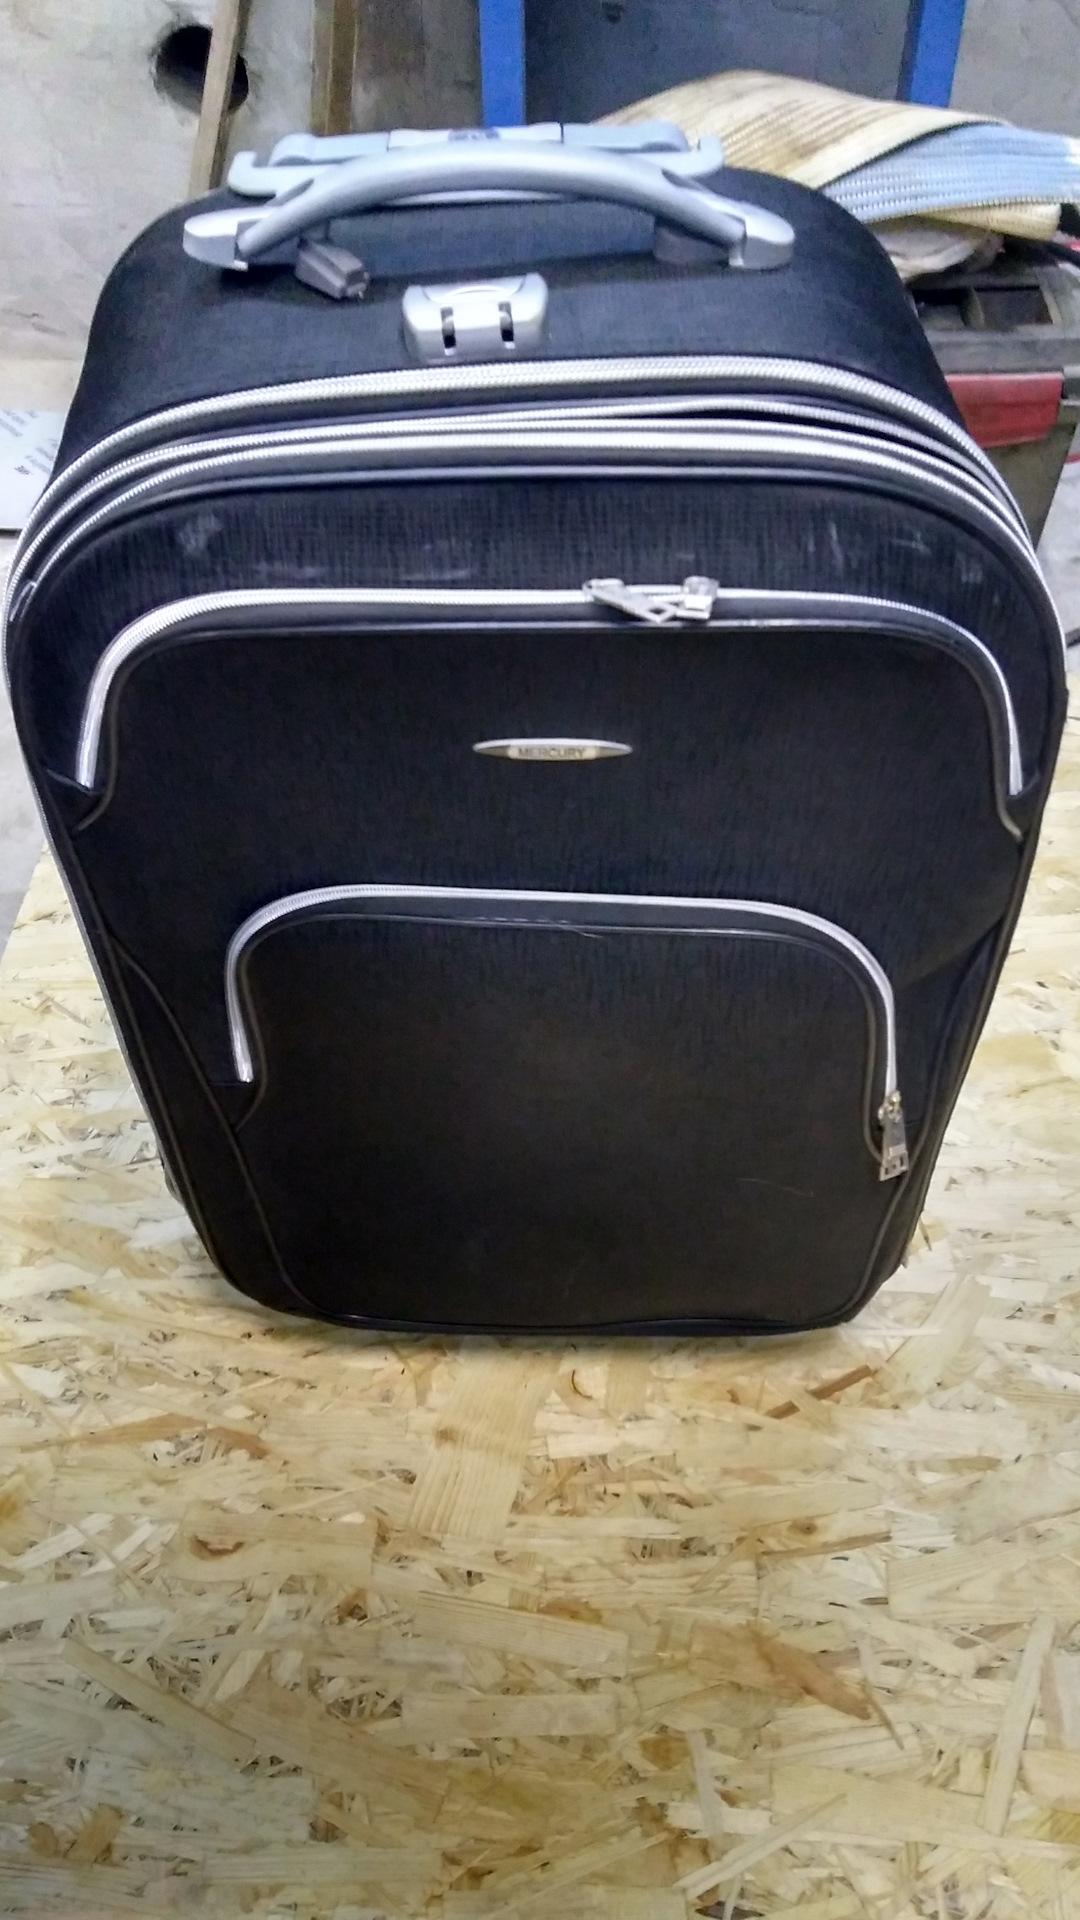 Как отремонтировать выдвижную ручку чемодана своими руками